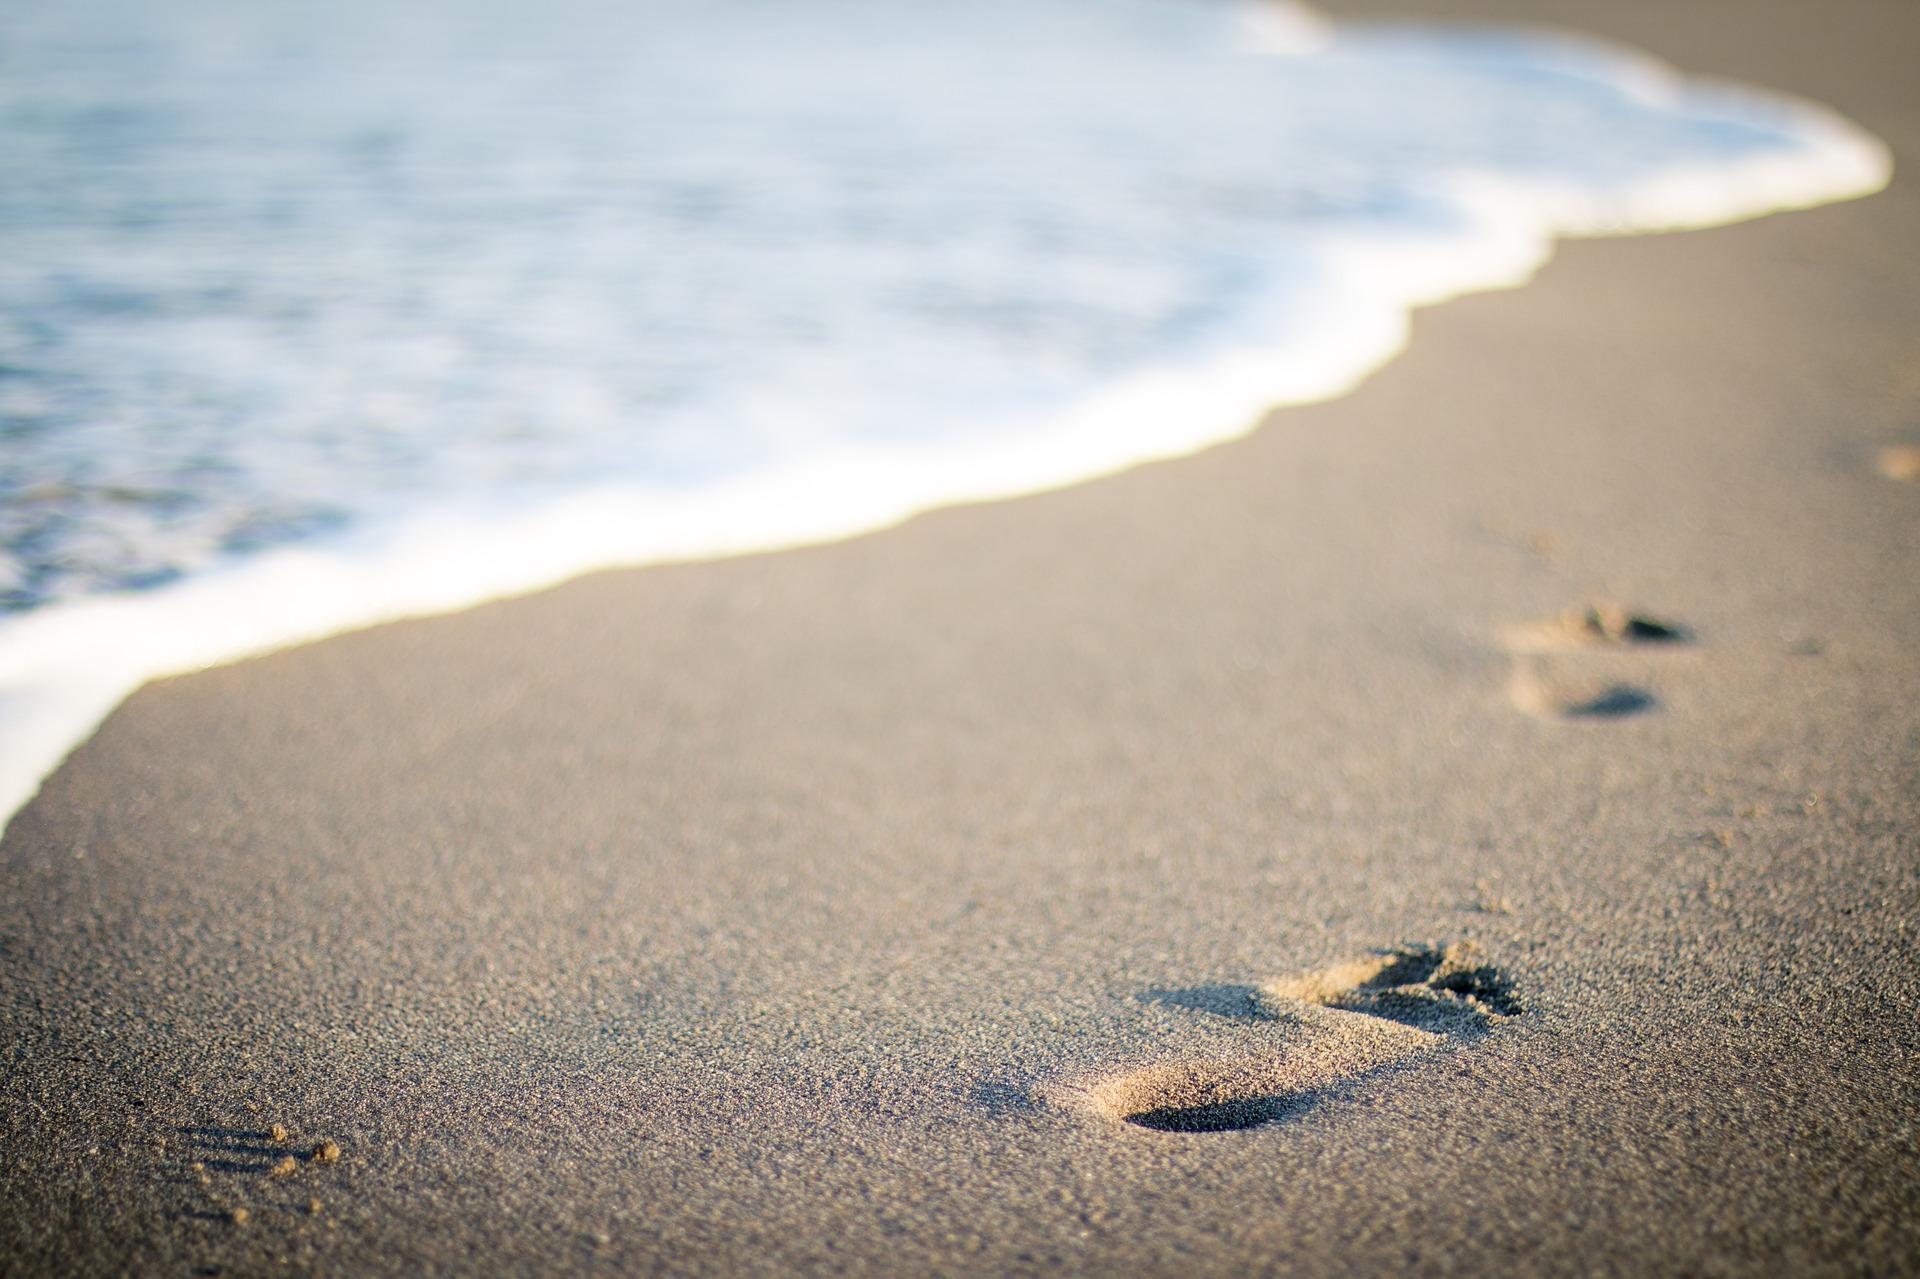 砂と海岸線